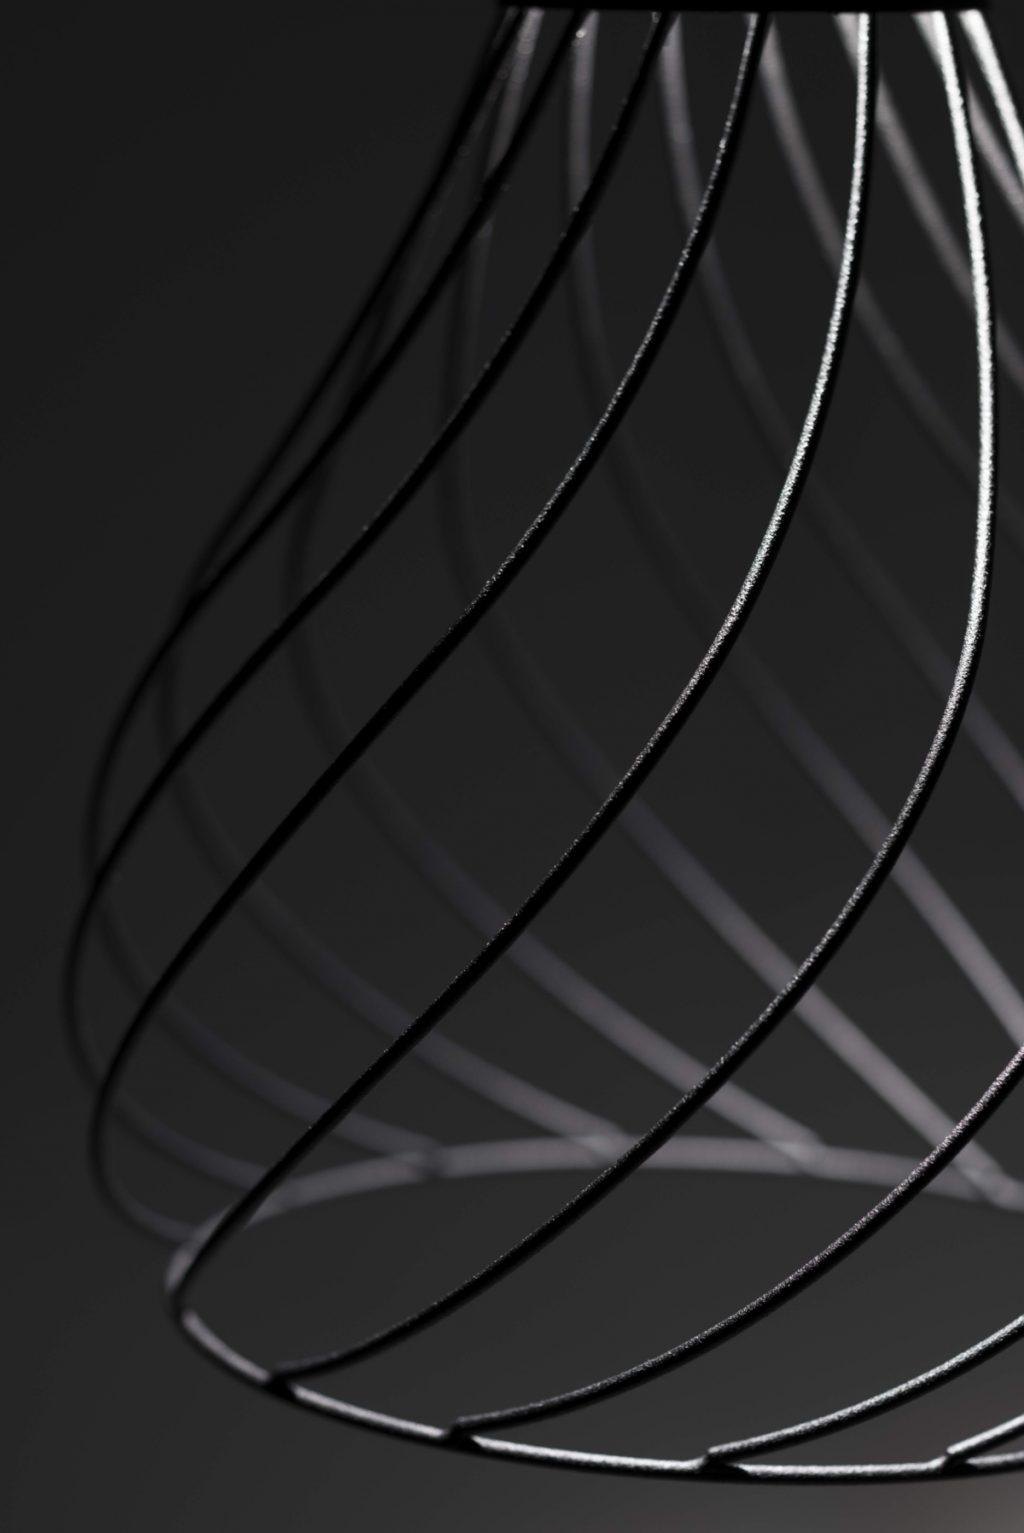 Lampadario a sospensione Mongolfier di Linea Light Group nero, dettaglio